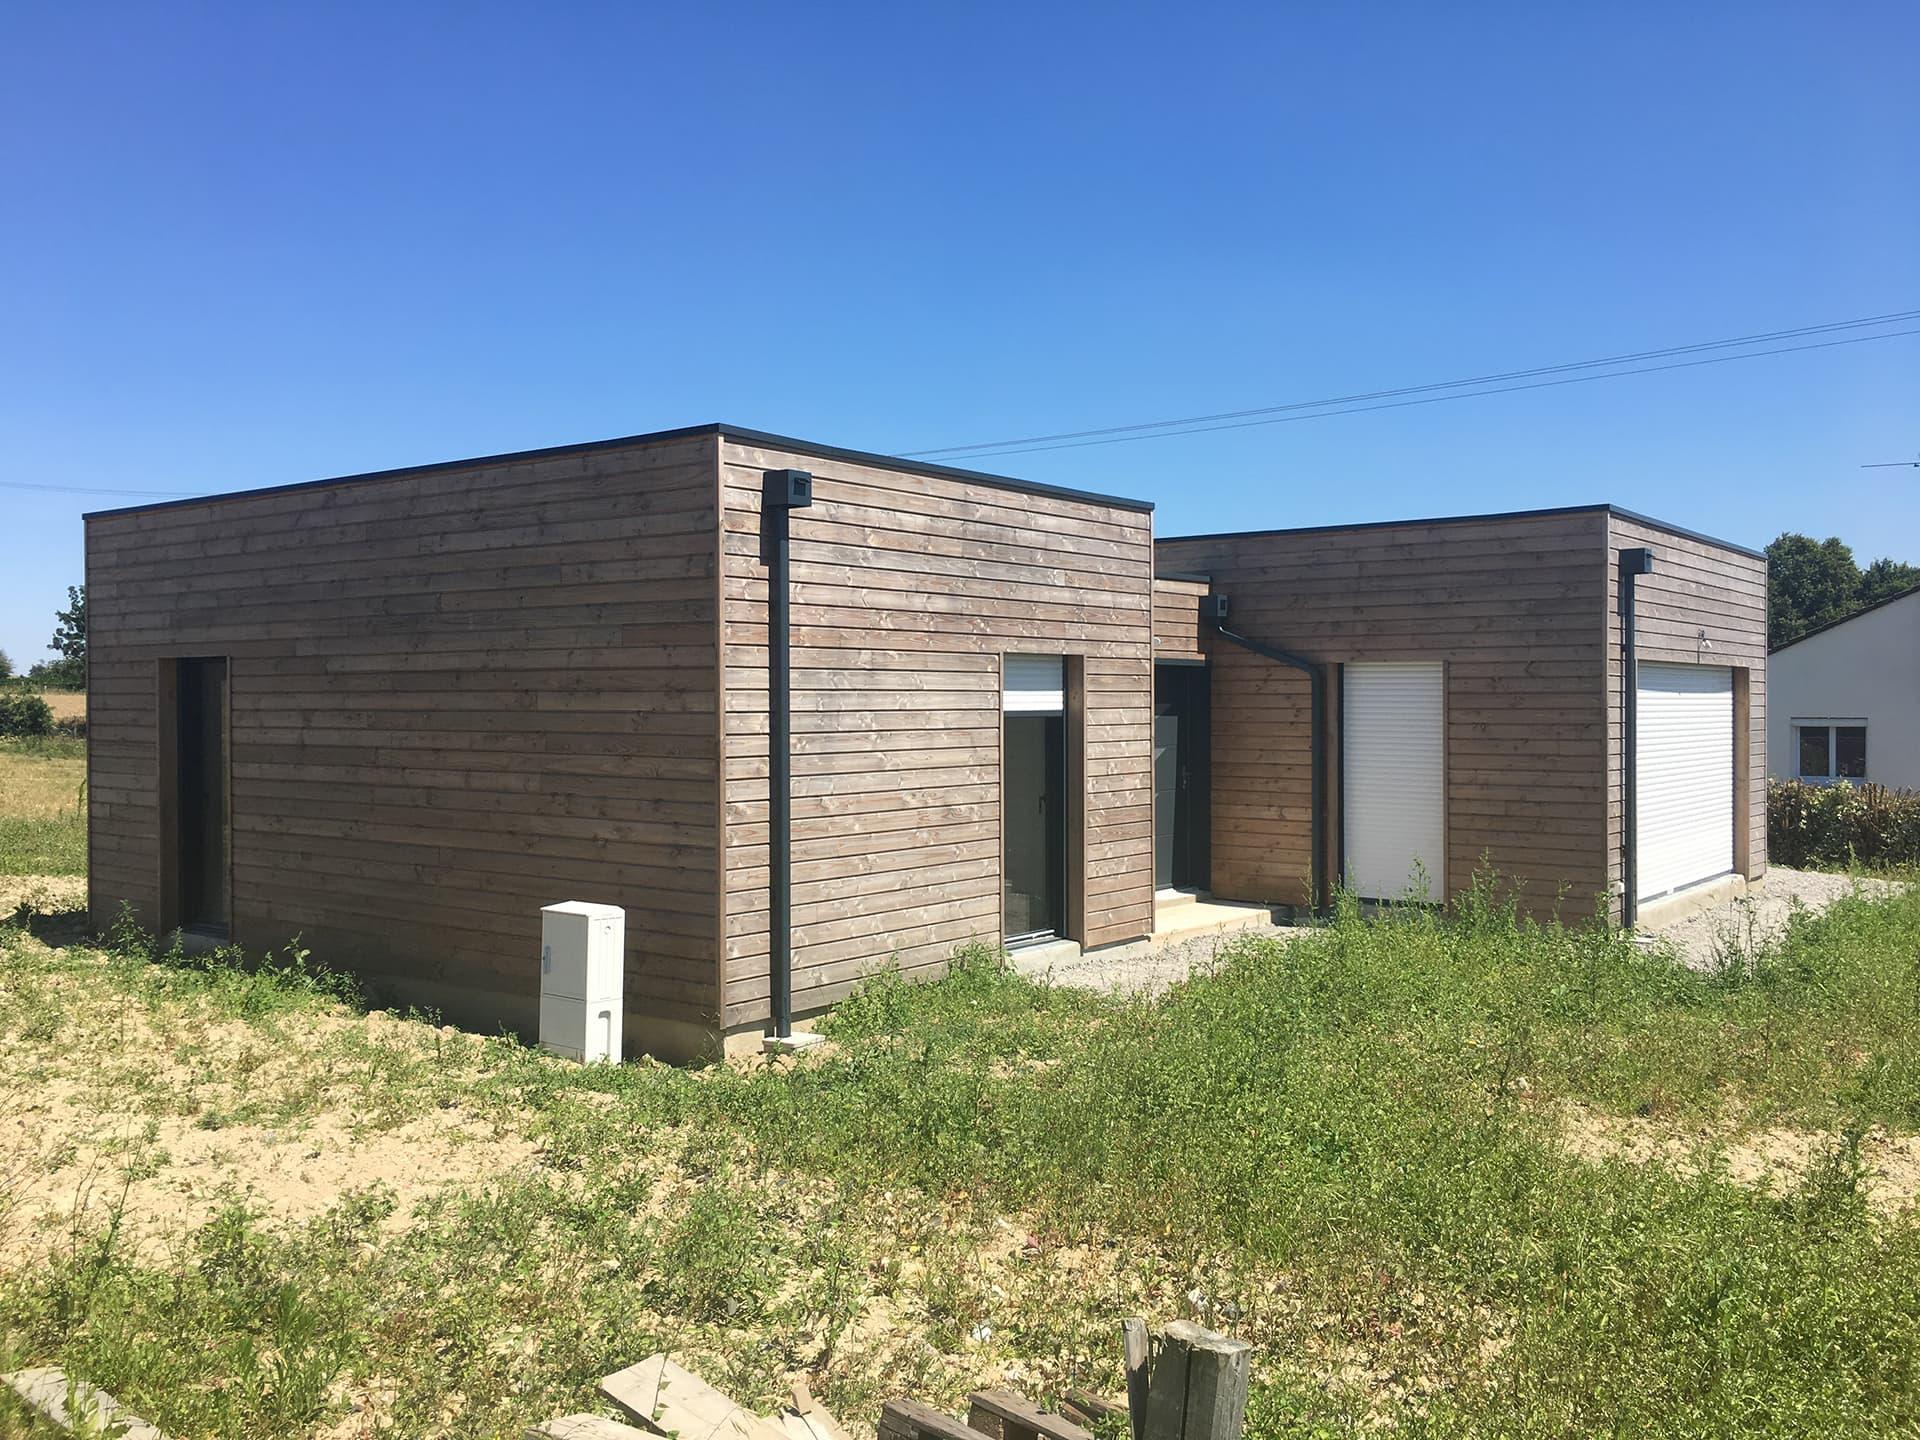 Maison en bois Lege vue facade Sud - Permis de construire pour une maison en bois à Legé, proche Nantes